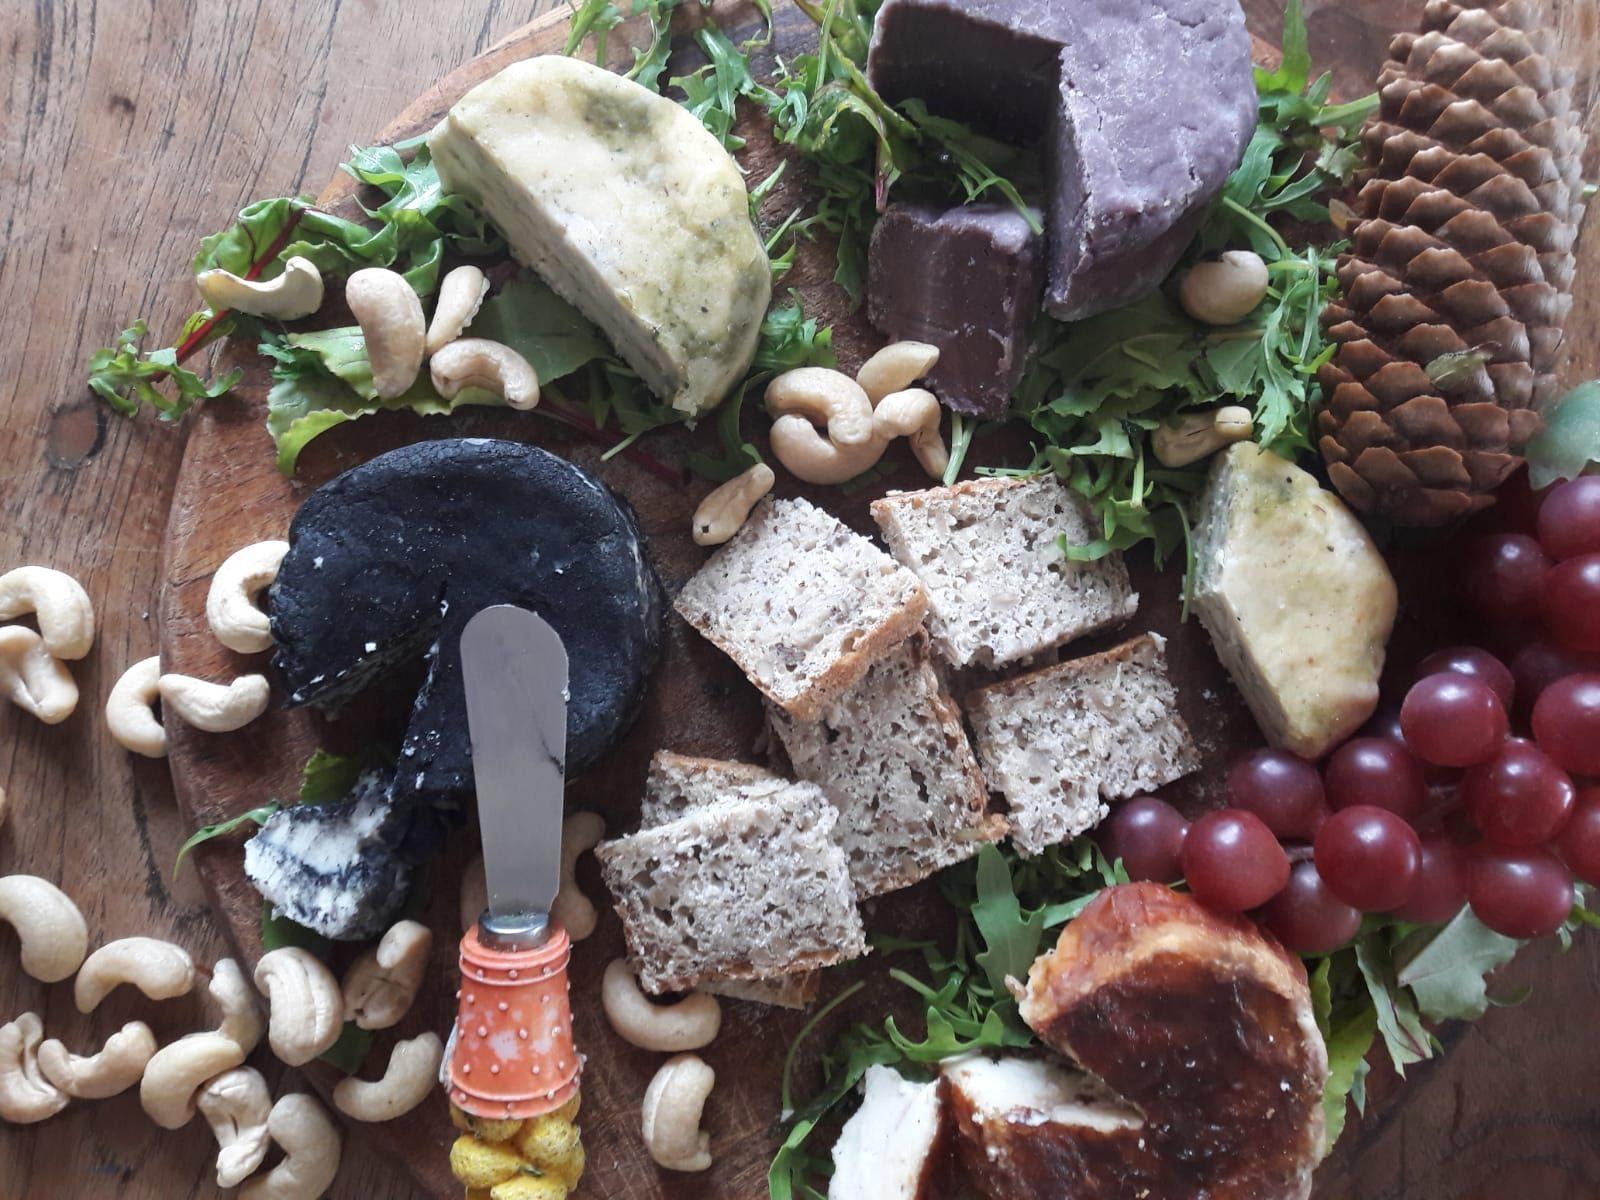 Wil je ook heerlijke veganistische recepten kunnen maken? Zoals vegan CHEEZ?